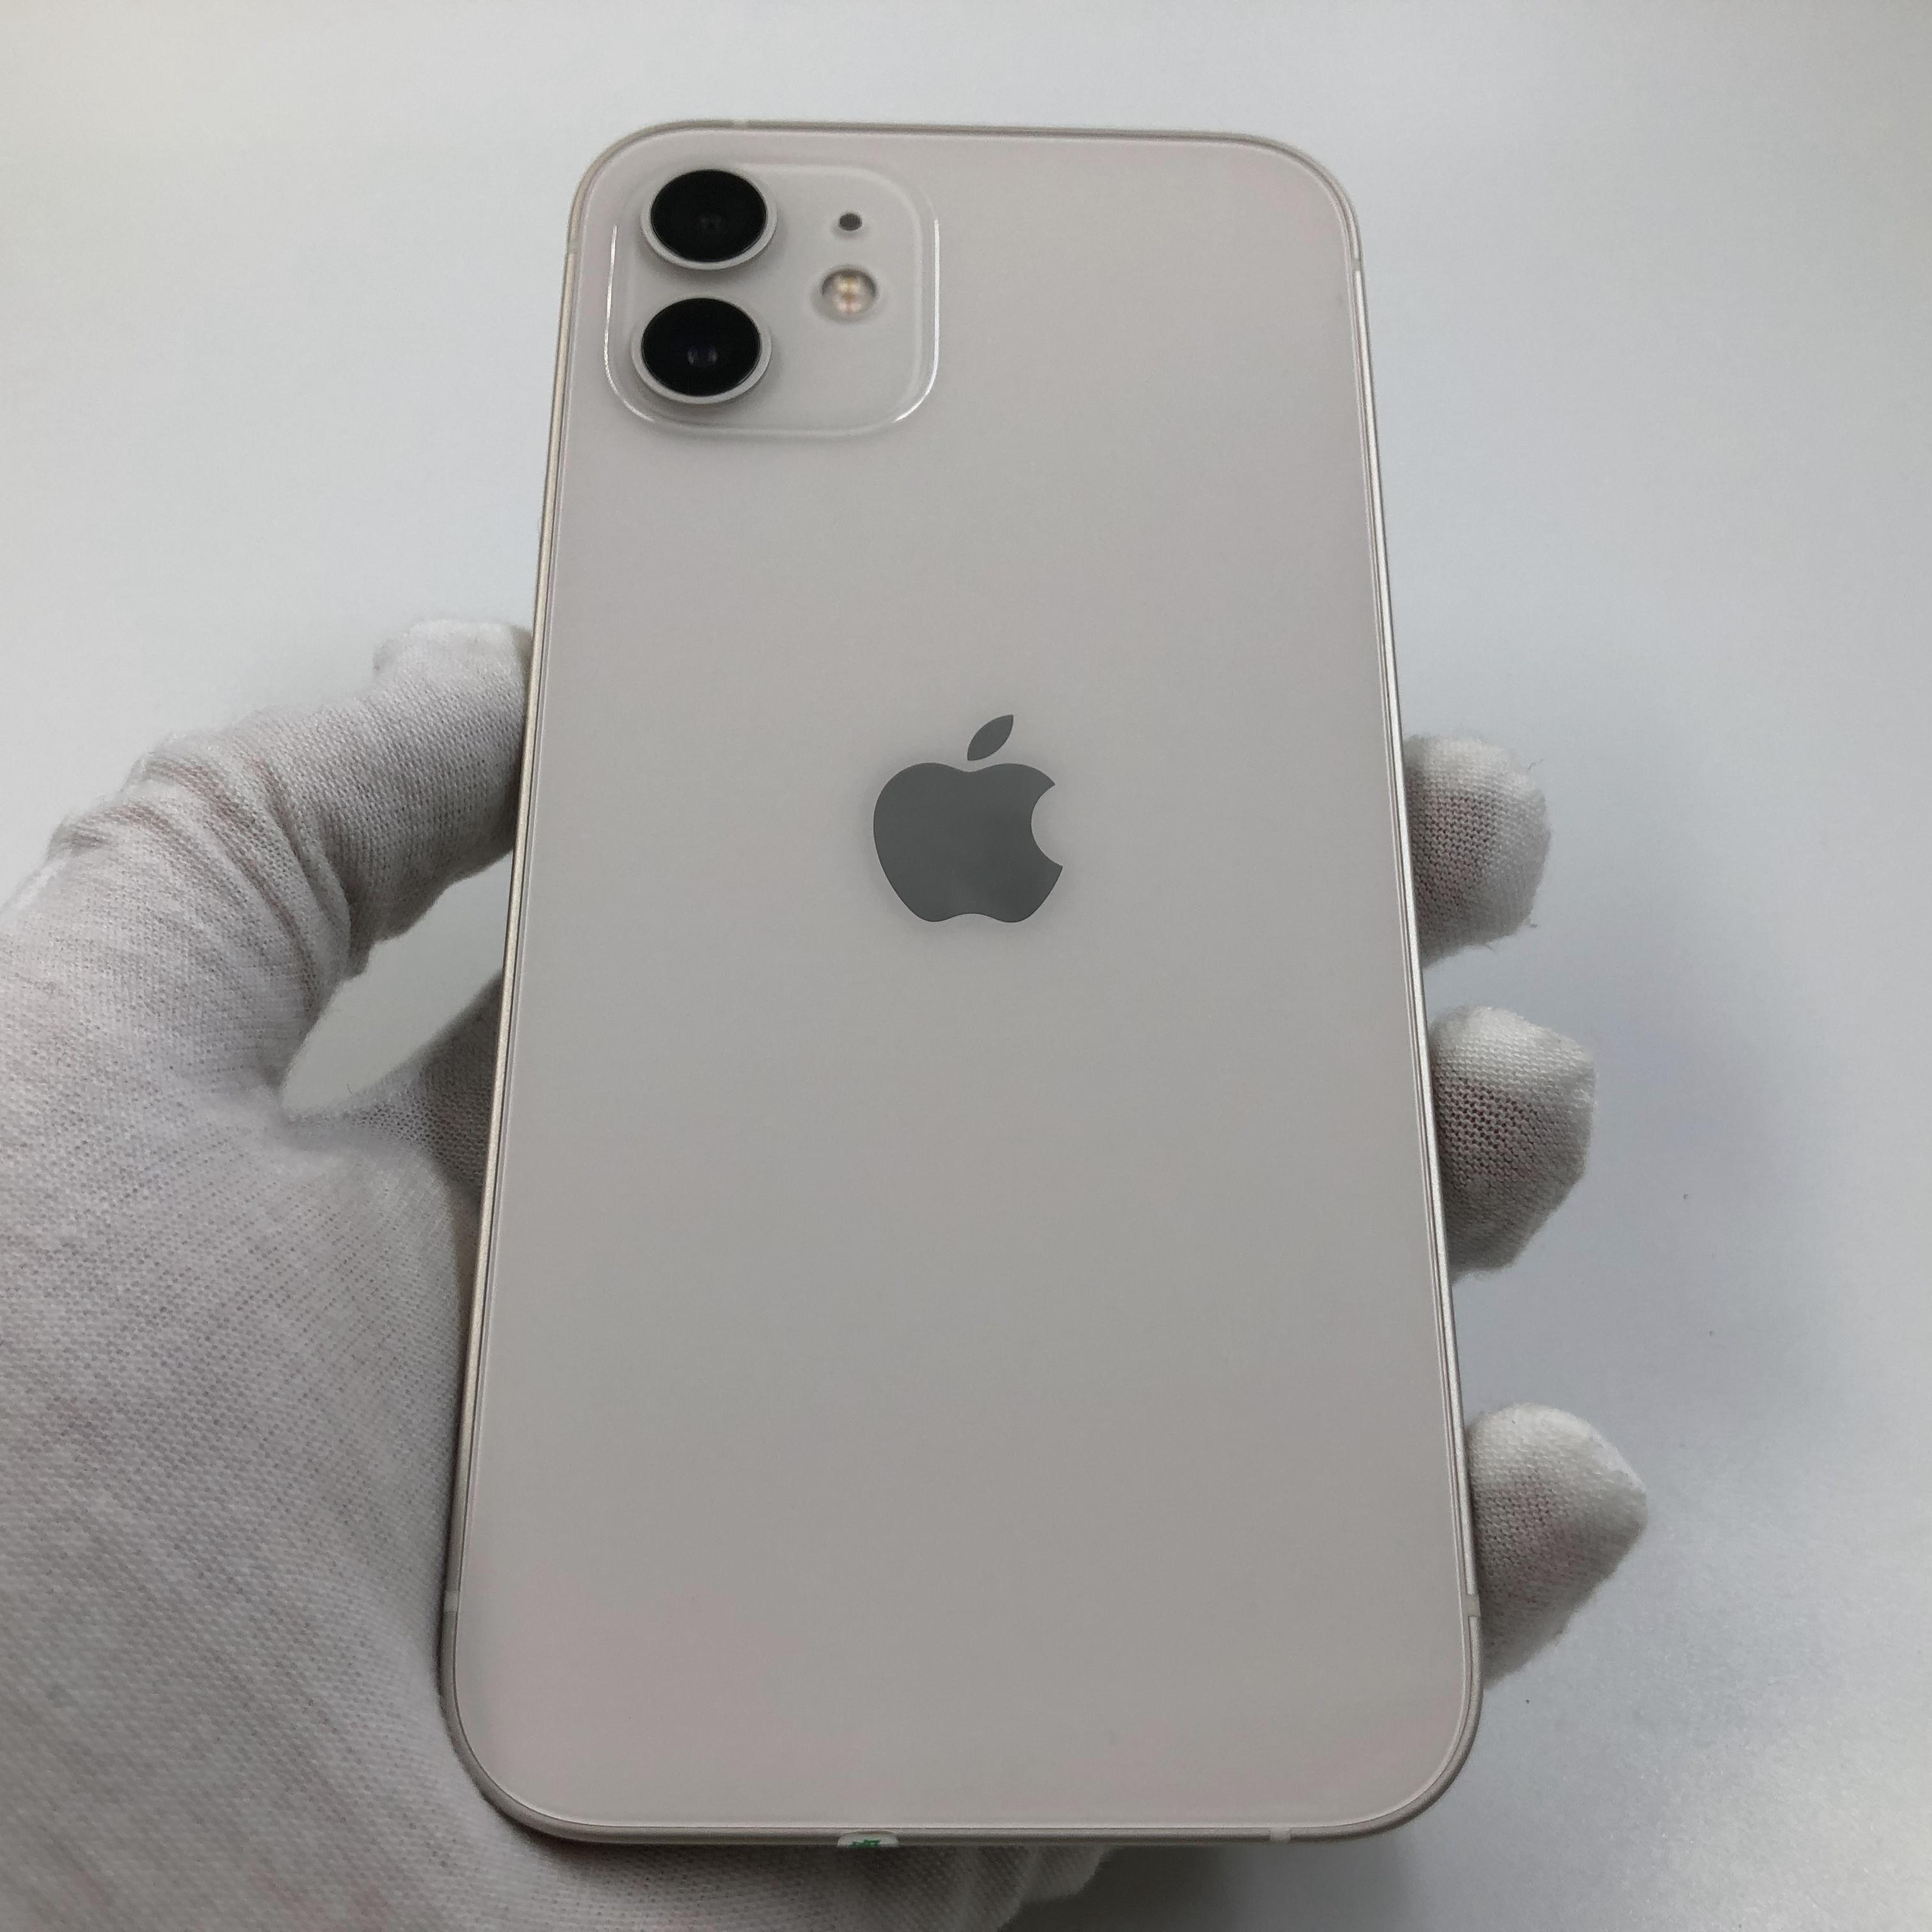 苹果【iPhone 12】5G全网通 白色 128G 国行 99新 真机实拍官保2021-11-16